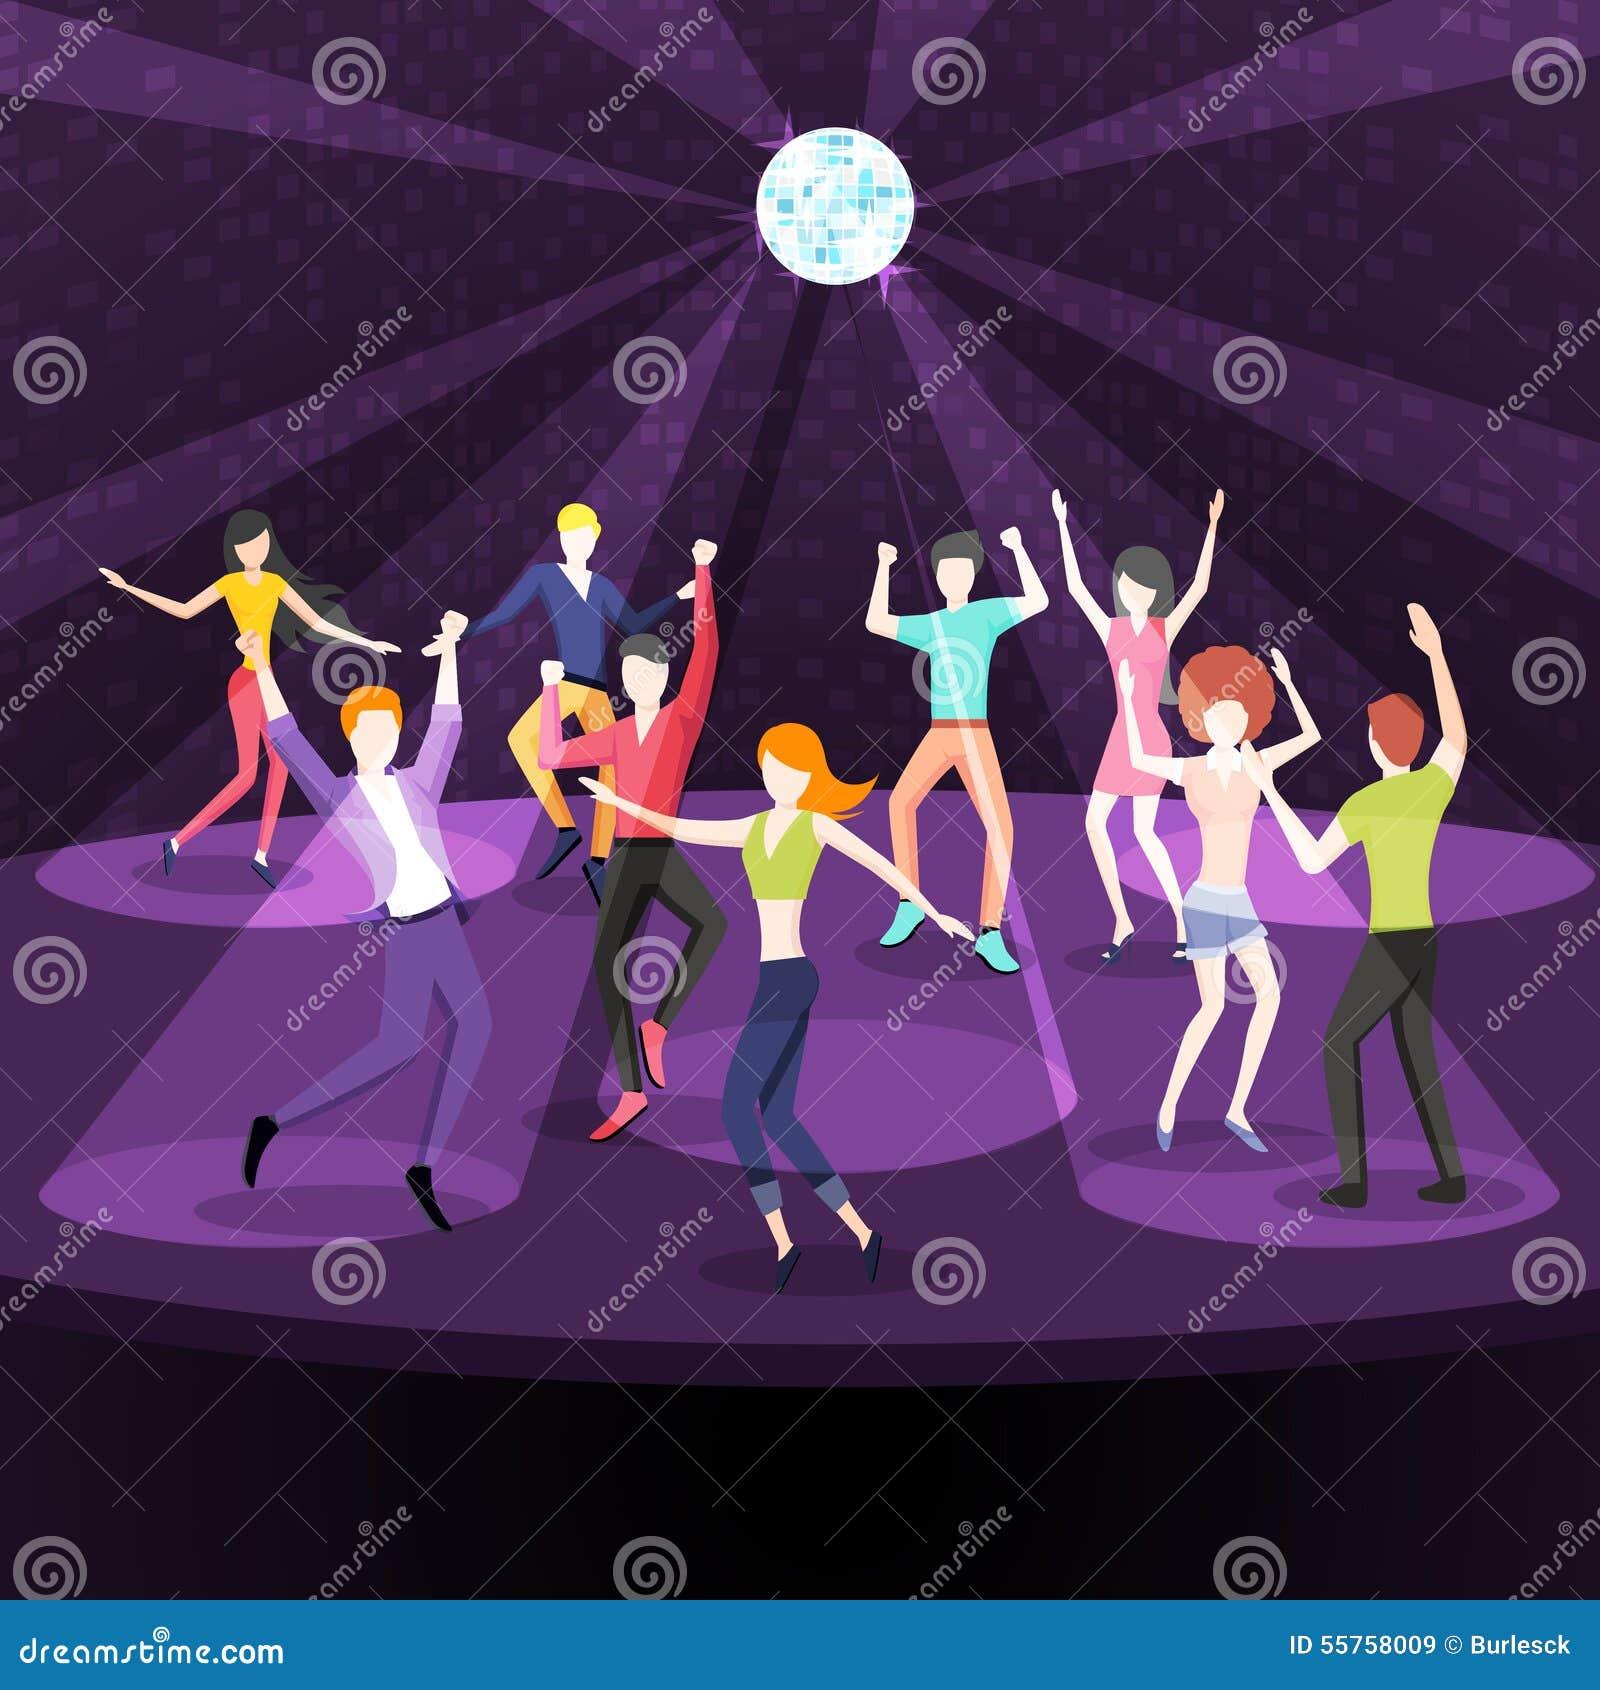 People dancing in nightclub dance floor flat stock vector for 123 get on the dance floor song download